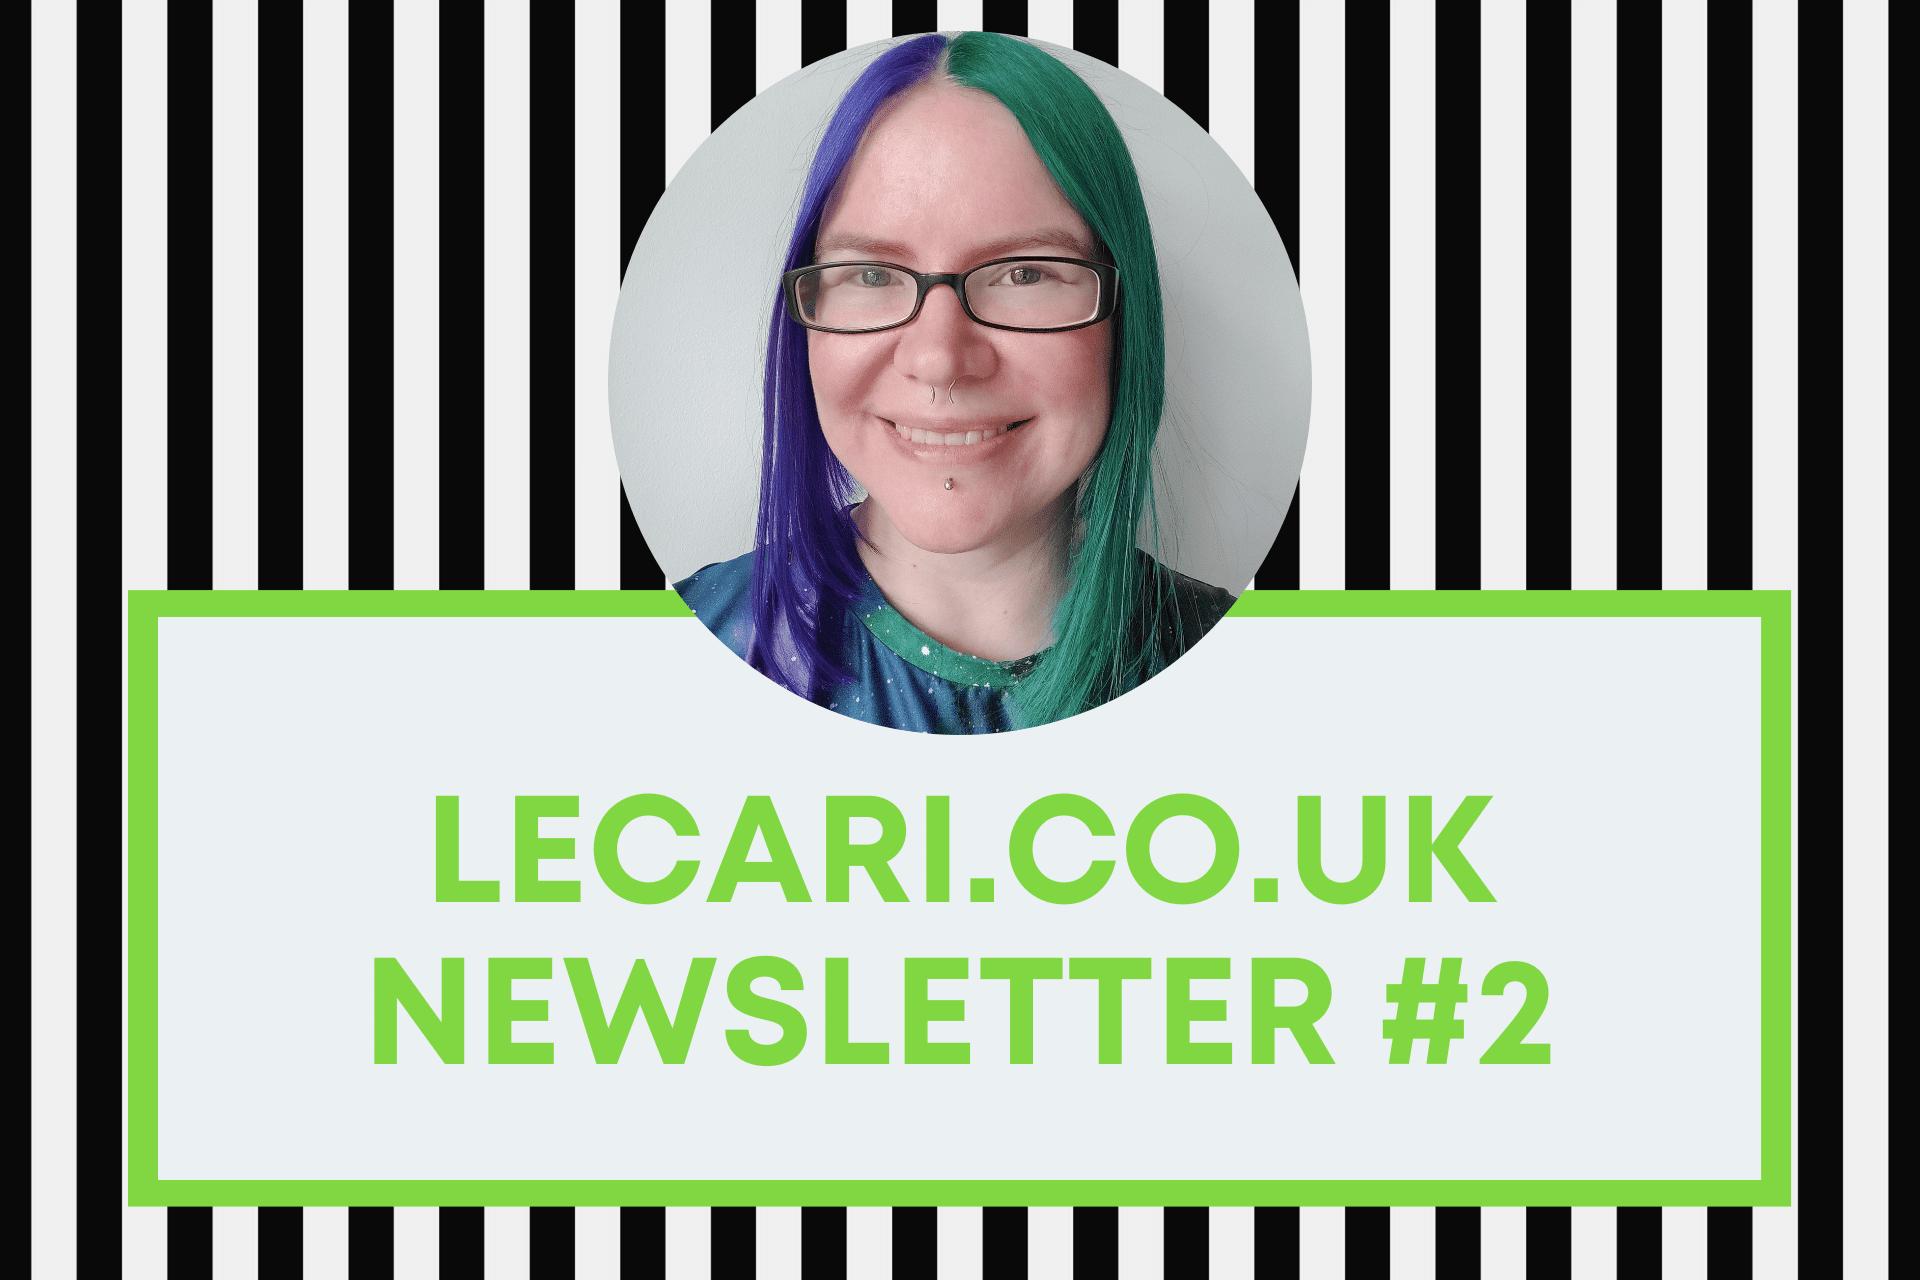 Lecari.co.uk Newsletter #2